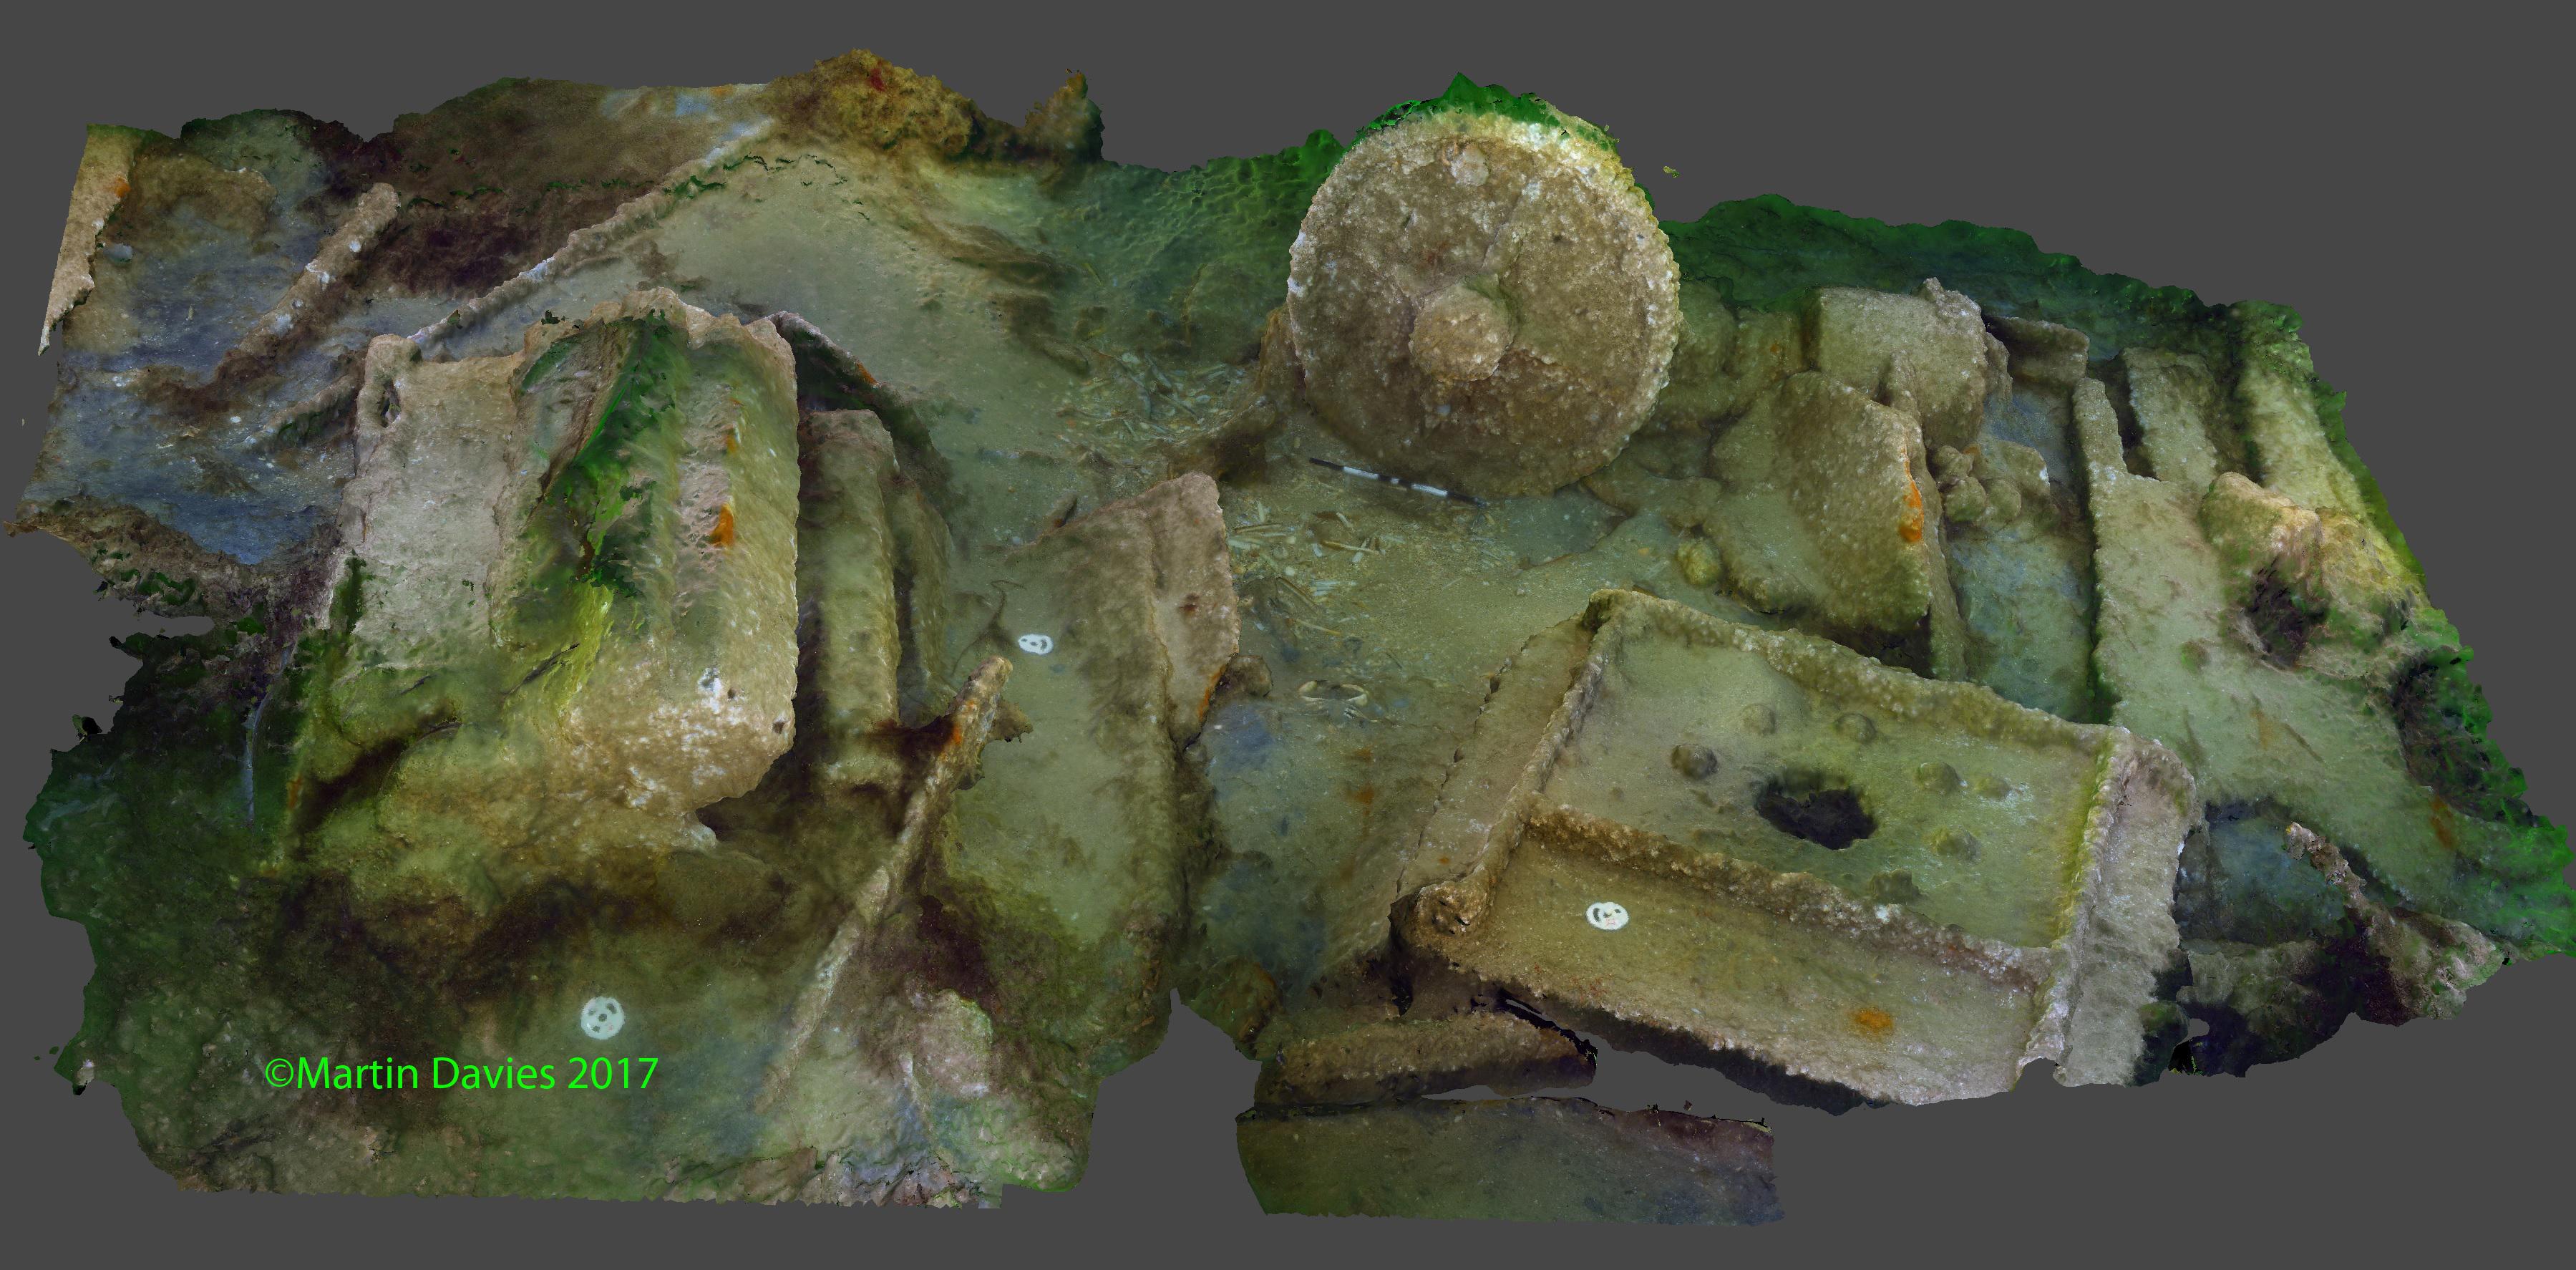 Remains-of-Landing-craft-Target-475-©